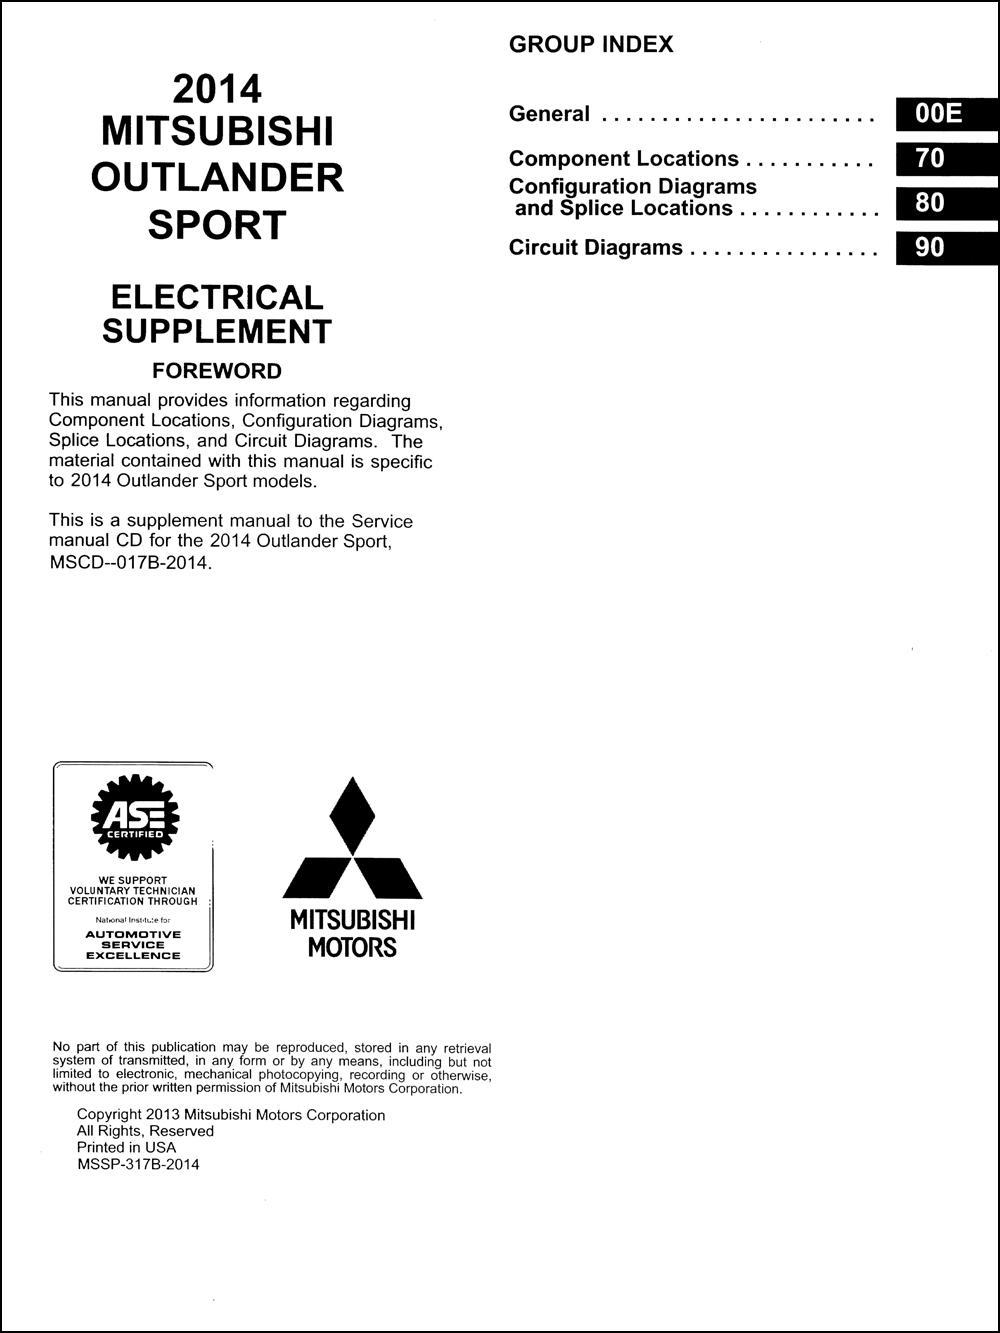 2014 Mitsubishi Outlander Sport Wiring Diagram Manual Original | 2014 Mitsubishi Outlander Sport Wiring Diagram |  | Faxon Auto Literature